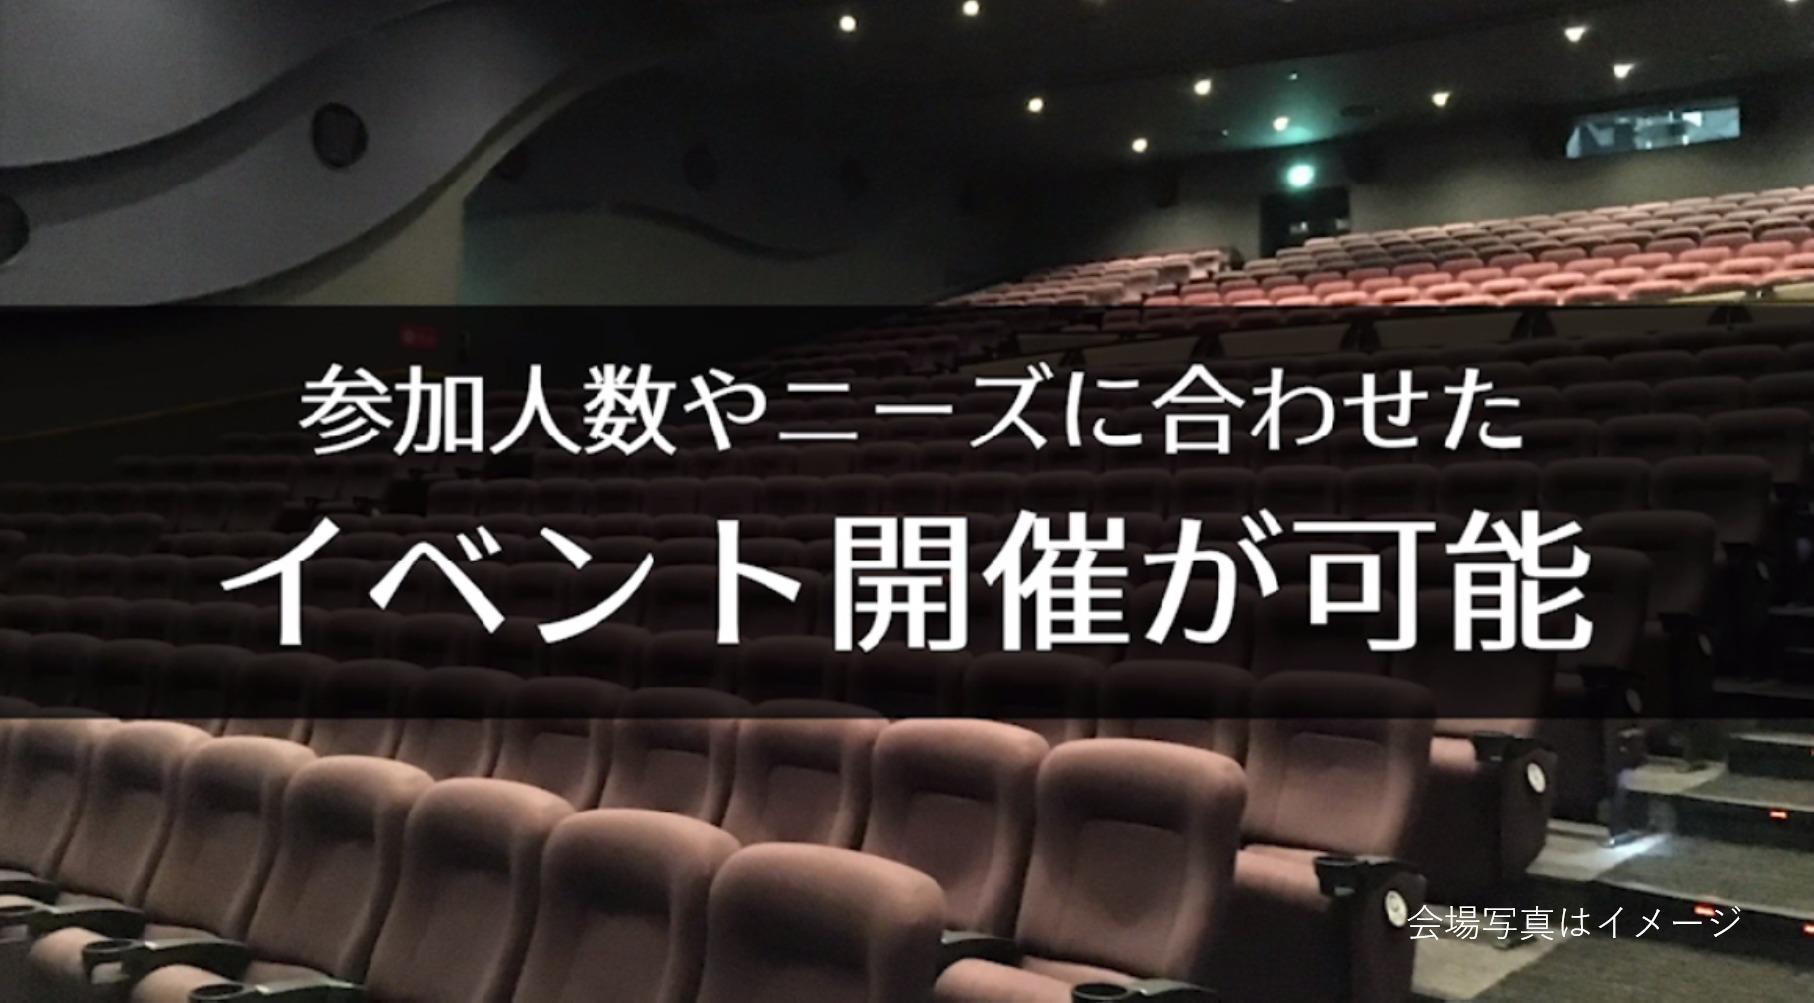 【幕張 350席】映画館で、会社説明会、株主総会、講演会の企画はいかがですか?(シネプレックス幕張) の写真0